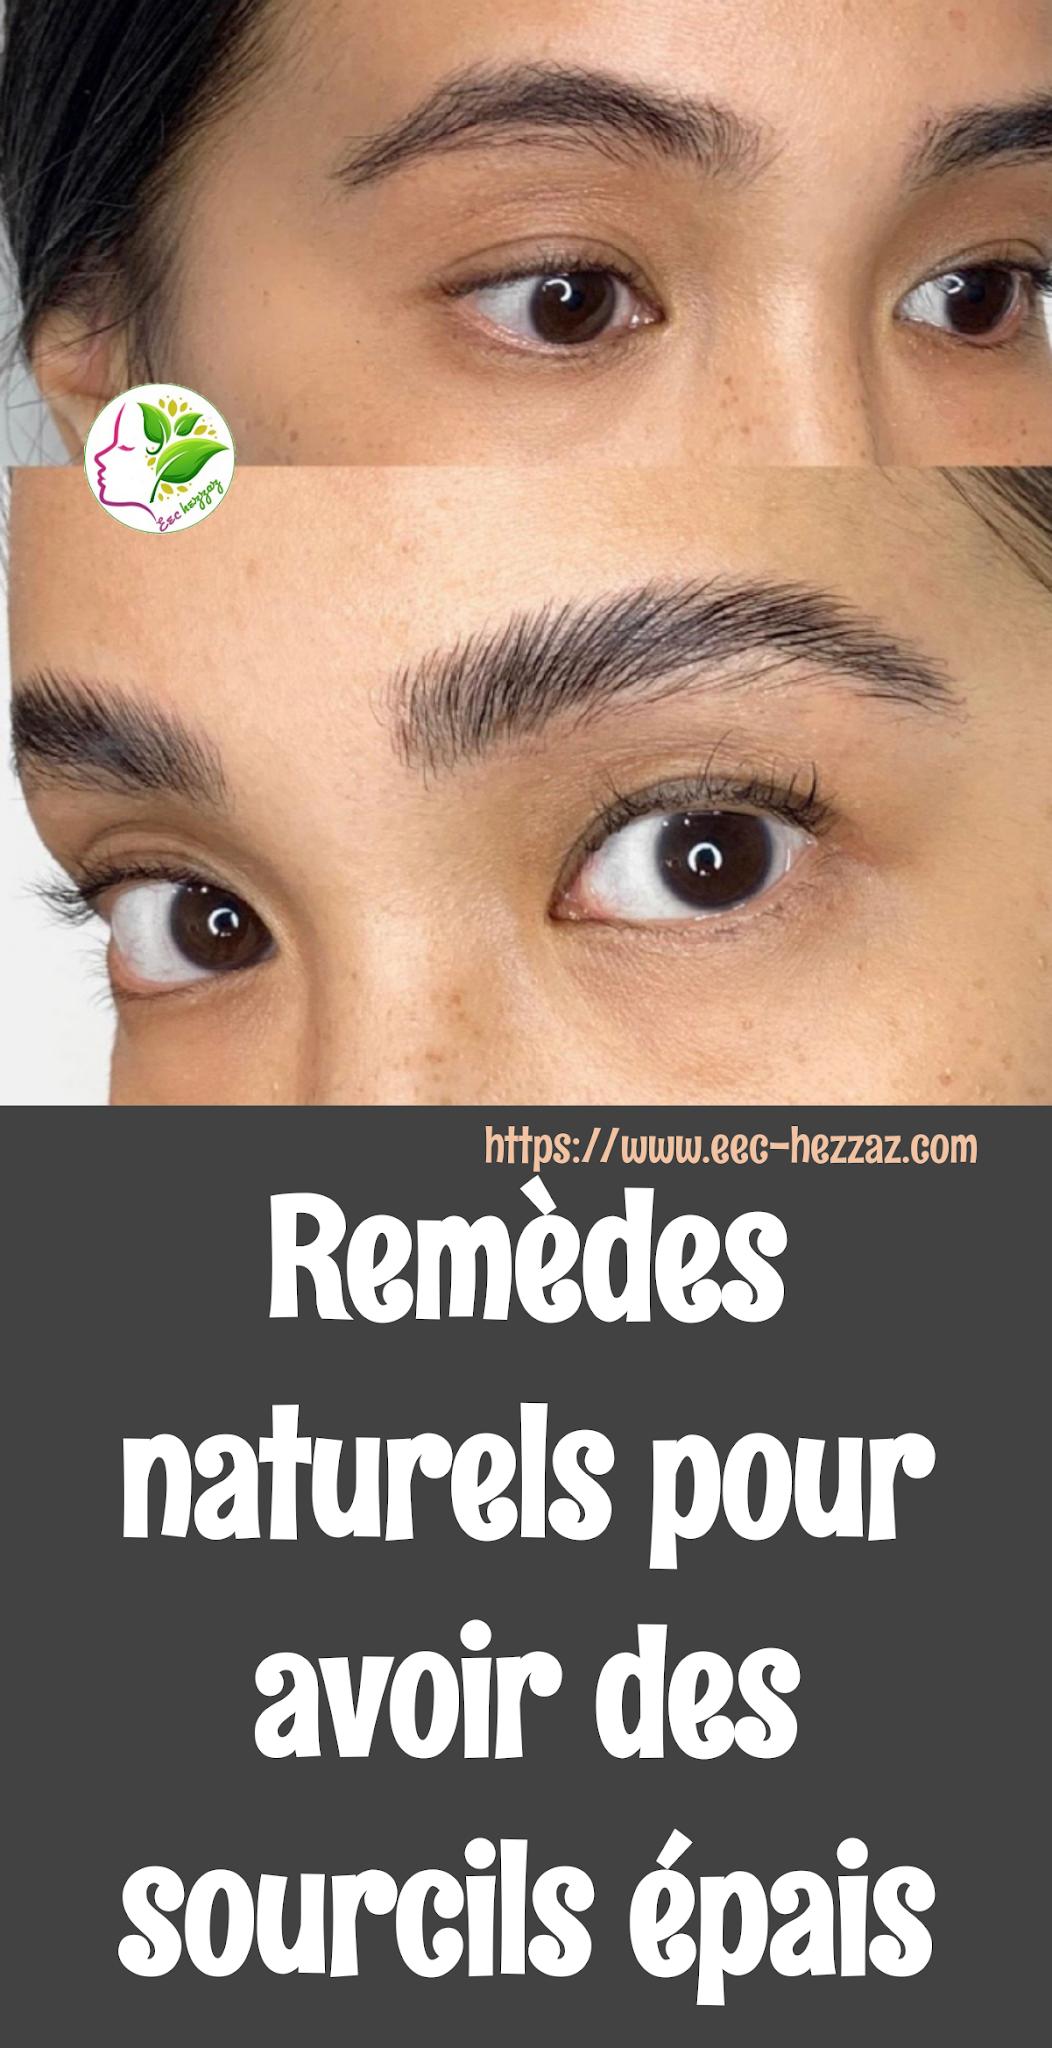 Remèdes naturels pour avoir des sourcils épais